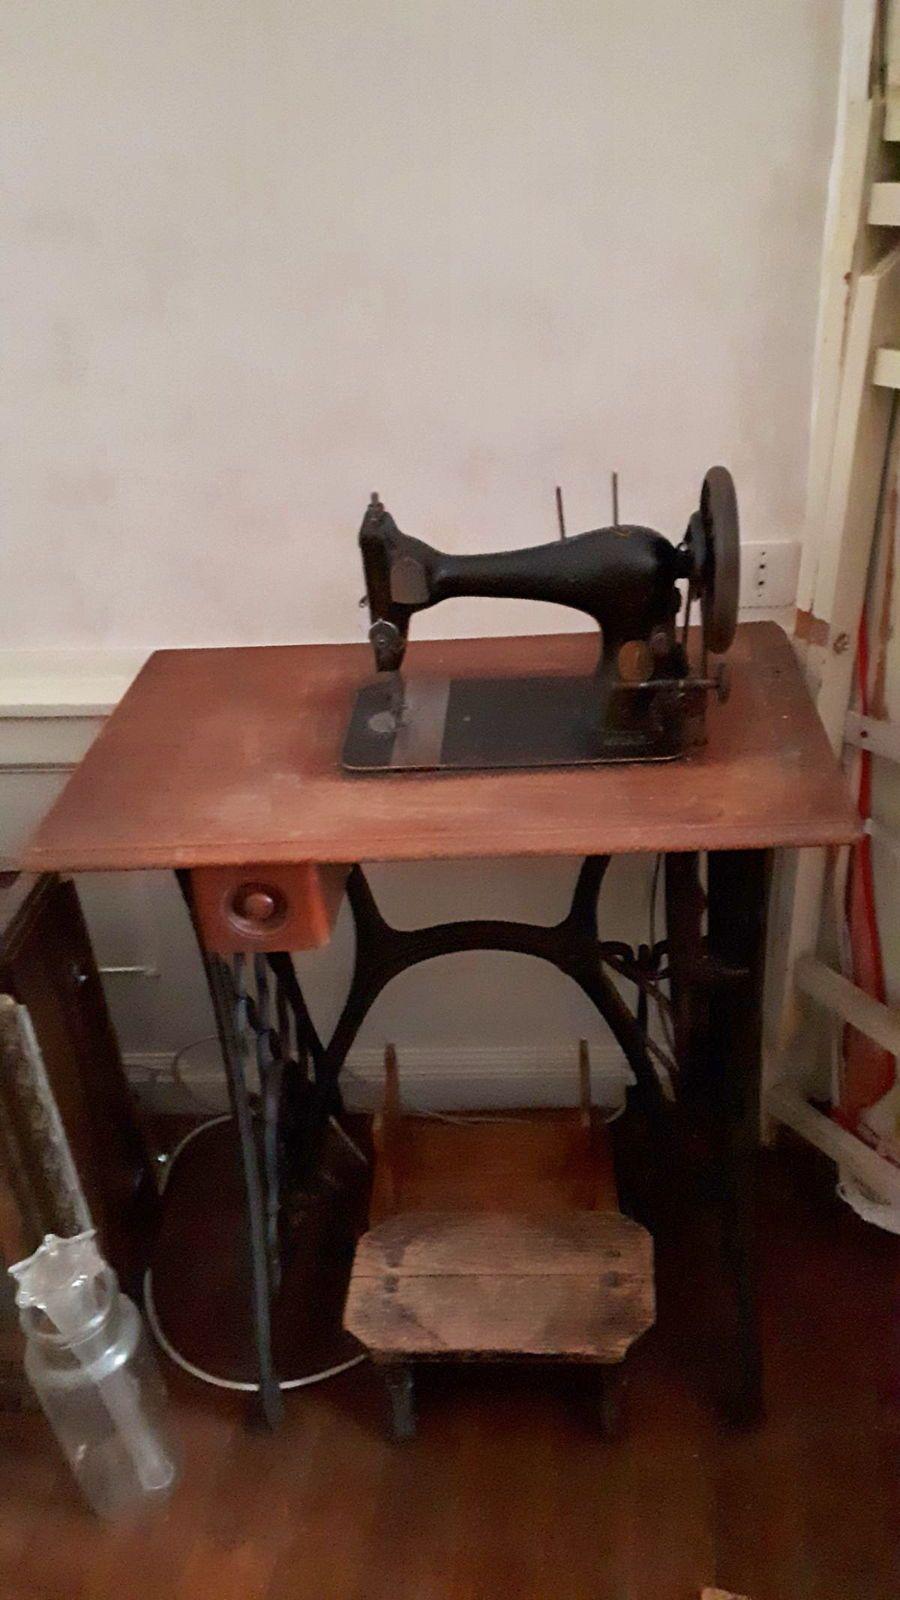 Vends machine à coudre ancienne